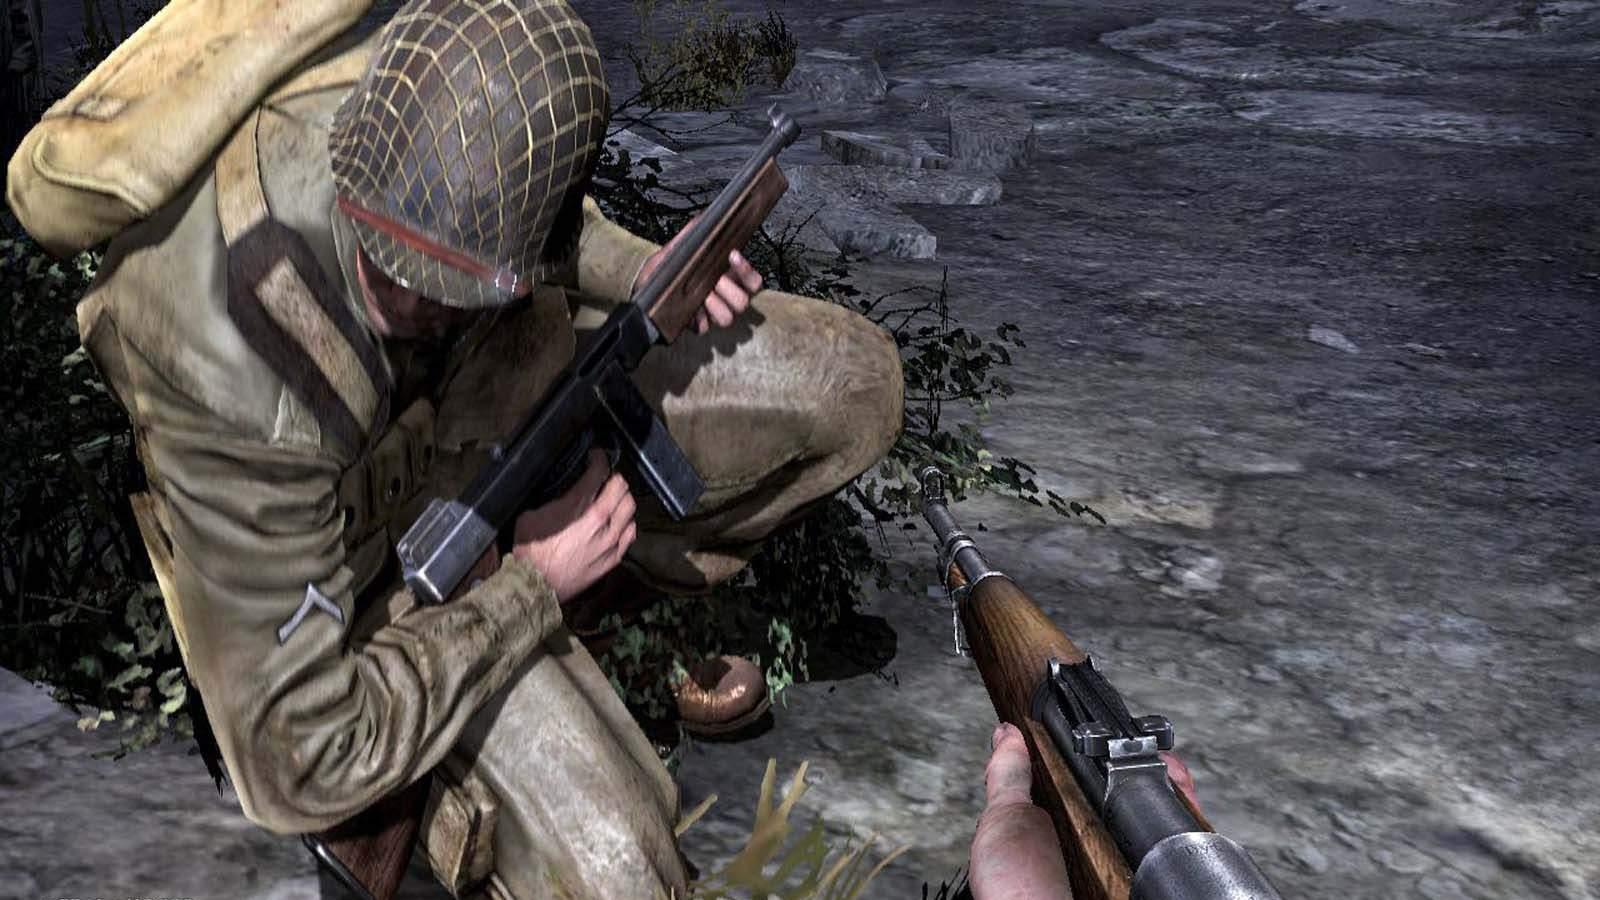 تحميل لعبة Medal Of Honor Airborne مضغوطة كاملة بروابط مباشرة مجانا